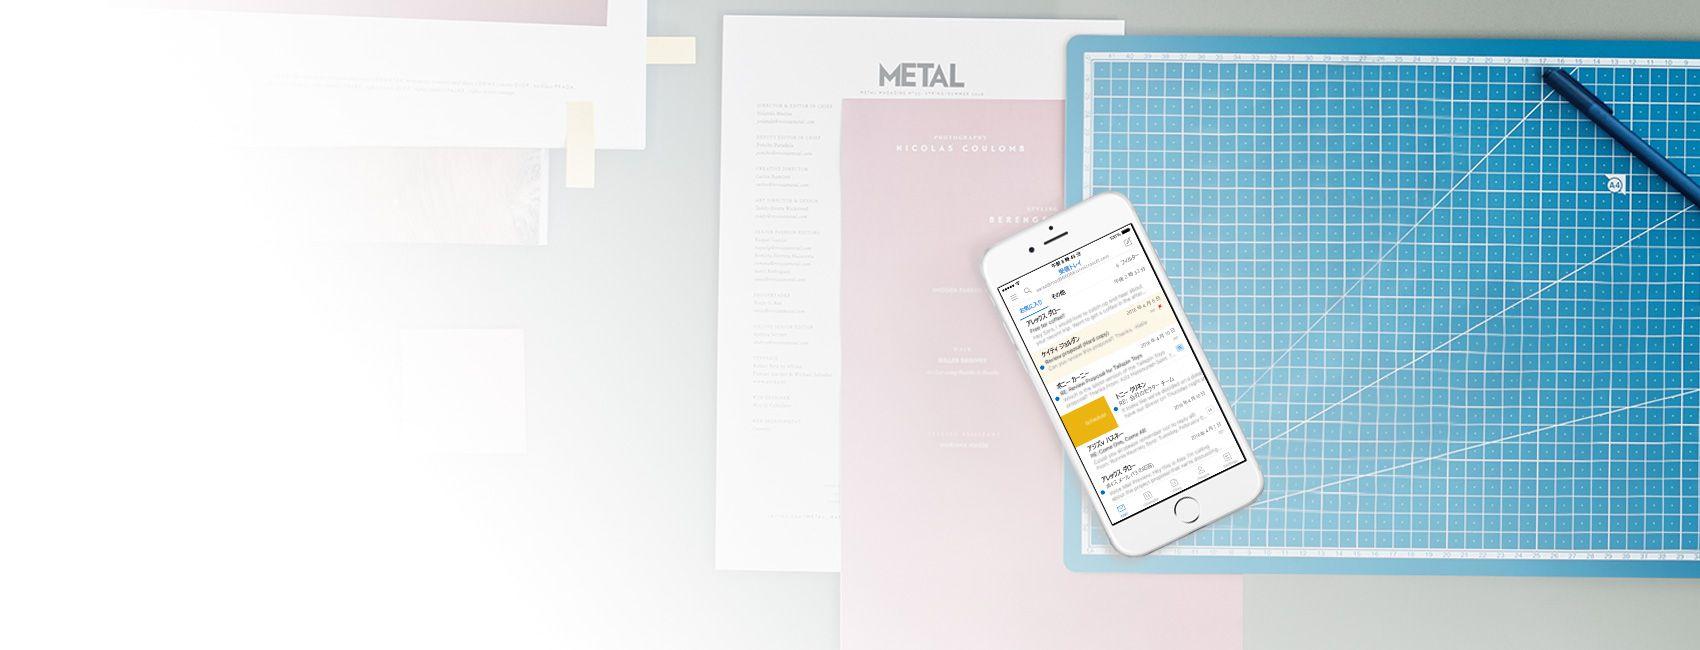 スマートフォンに Outlook アプリのメール受信トレイが表示されています